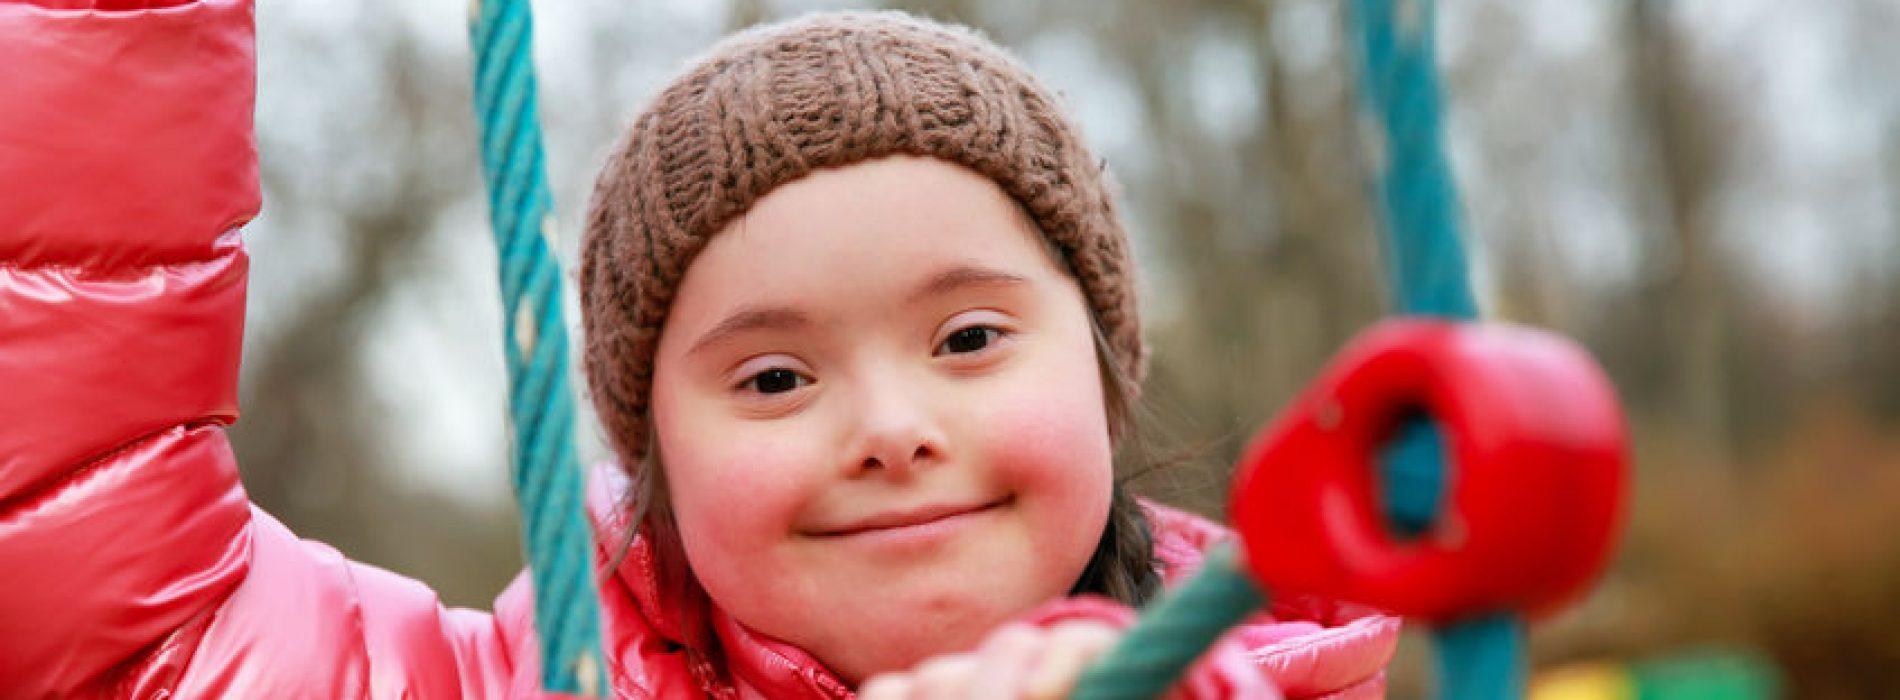 Codzienność dziecka z zespołem Downa